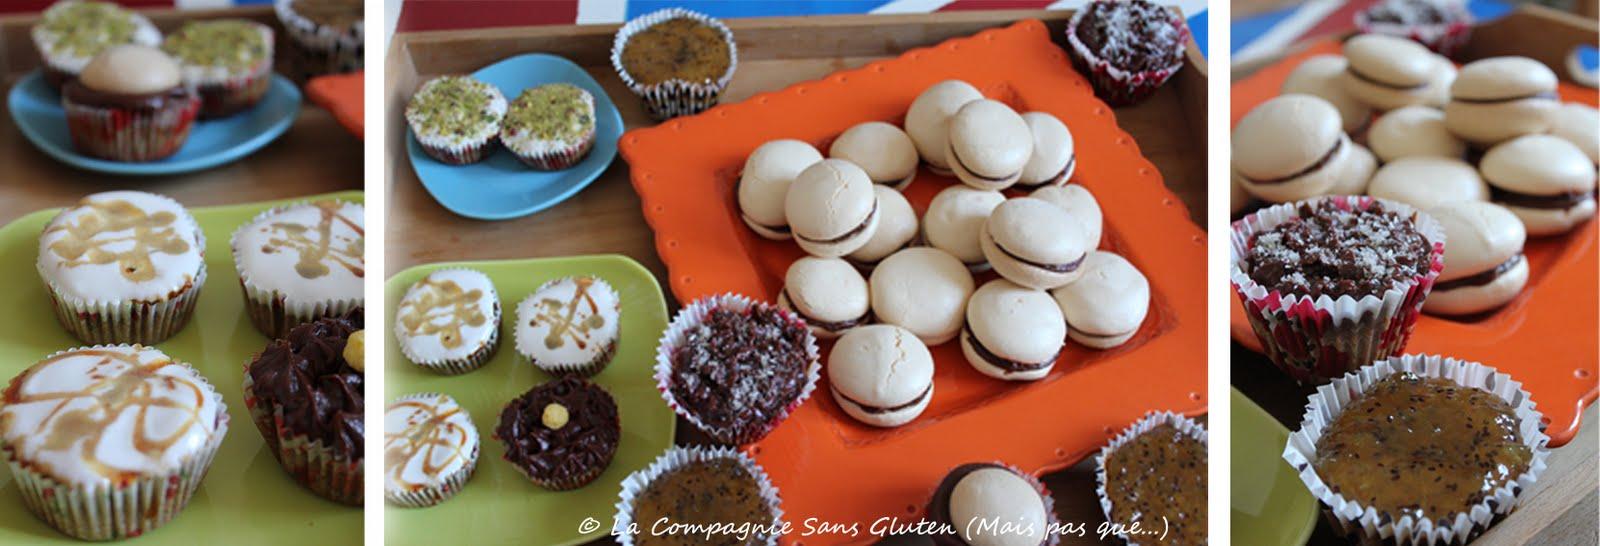 Gla age sans gluten et sans lait pour cupcakes gourmands - A table sans gluten et sans lait ...